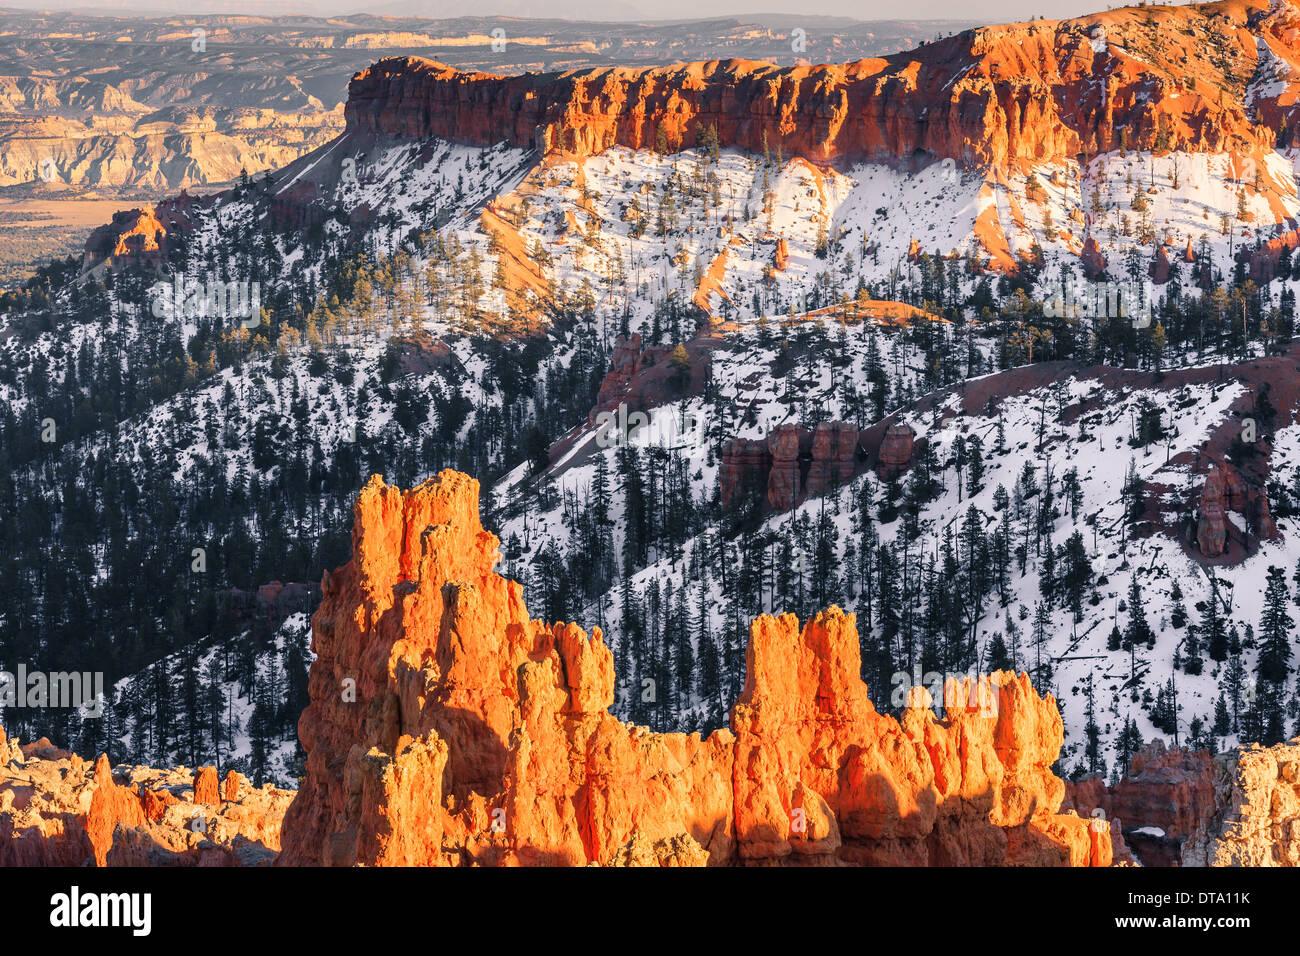 Puesta de sol de invierno en el Parque Nacional de Bryce Canyon, Utah, EE.UU. Foto de stock